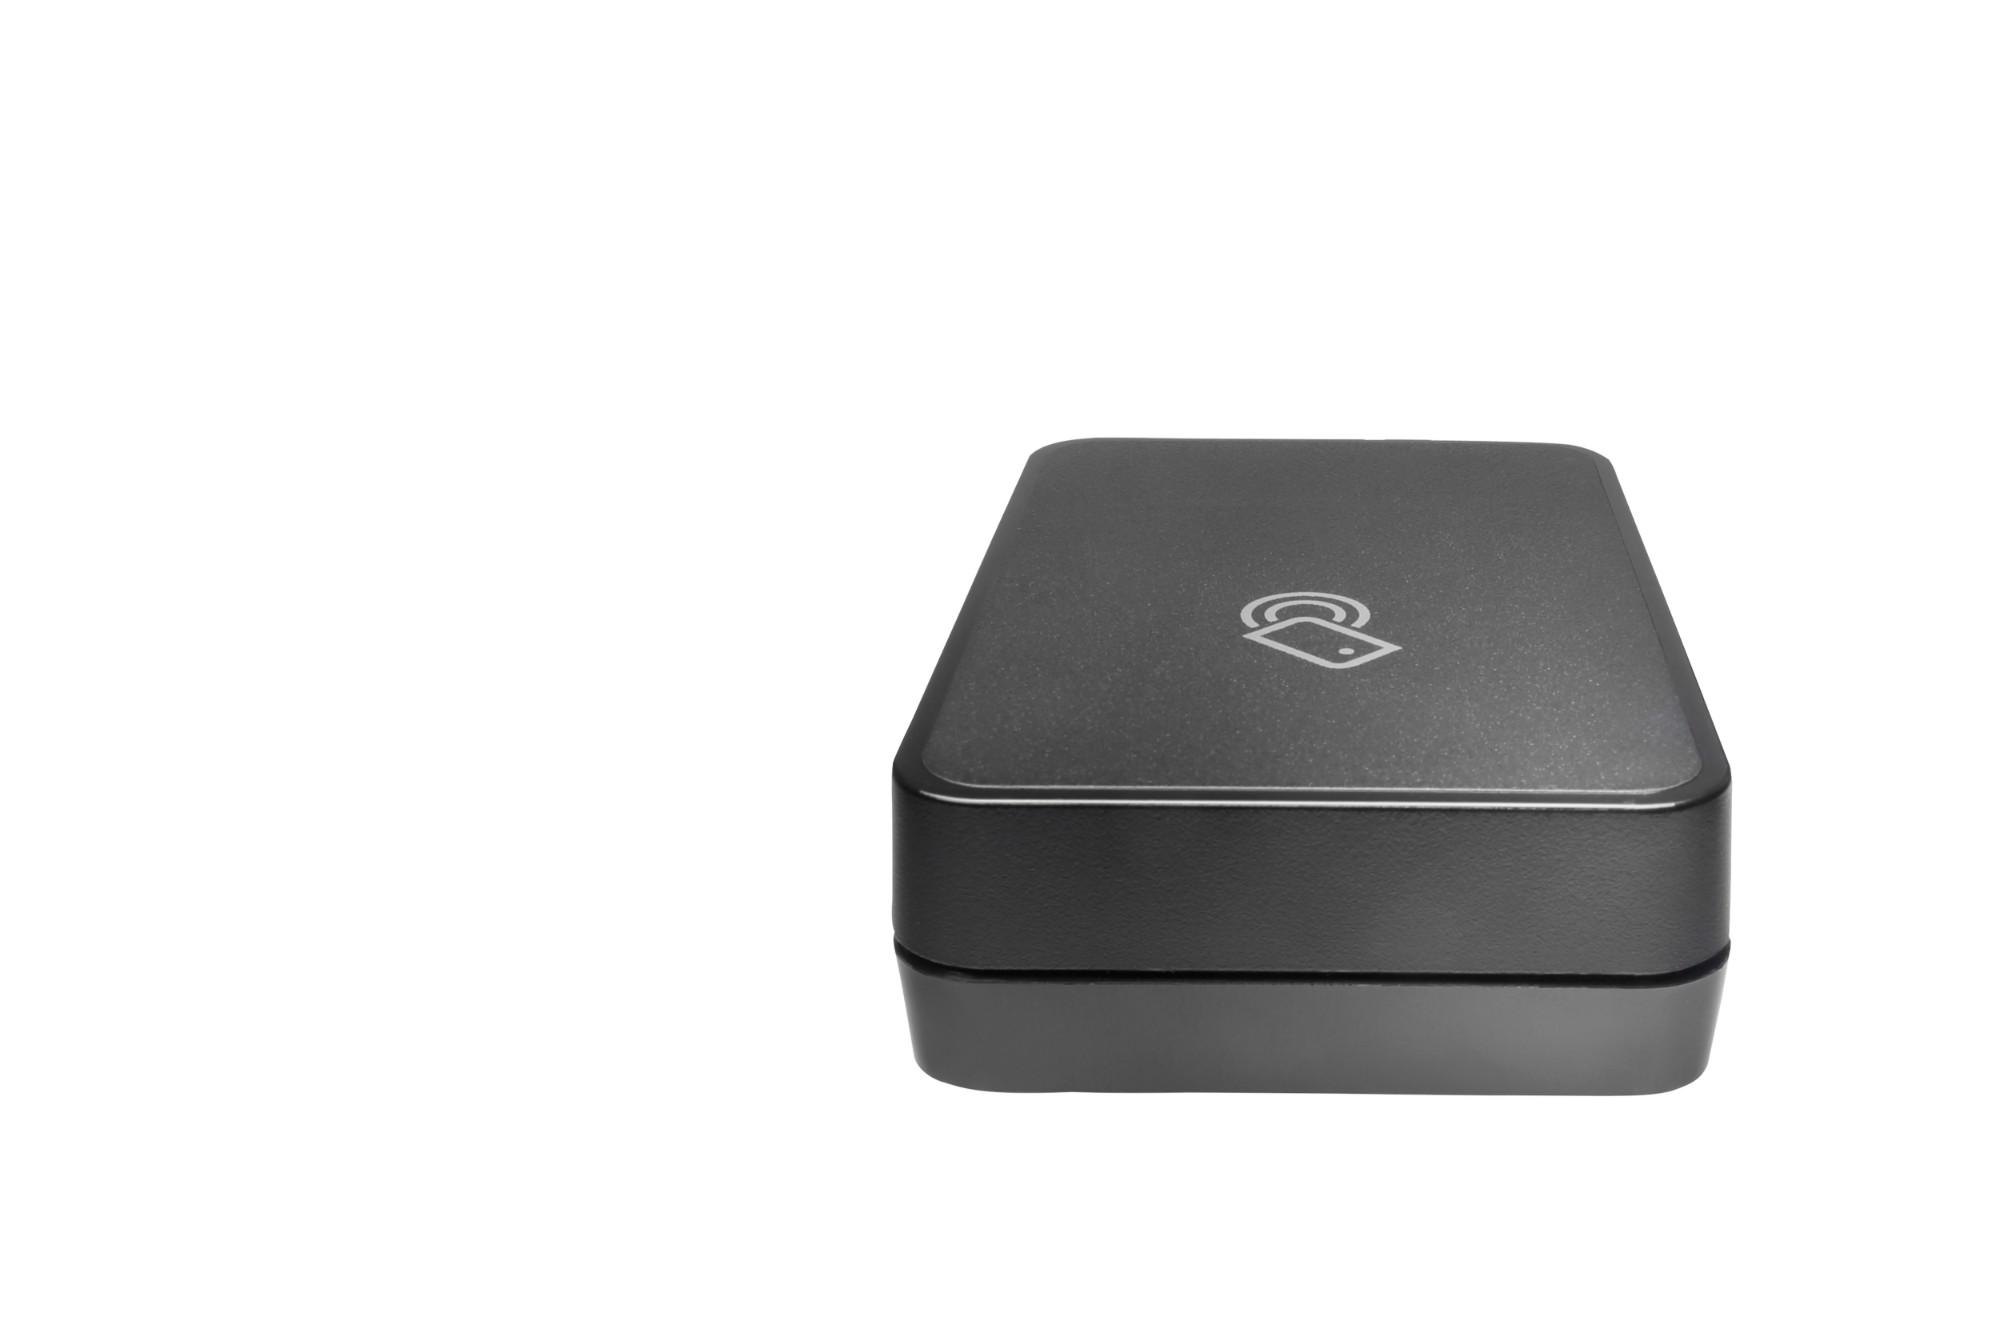 Jetdirect 3000w NFC/Wireless Accessory